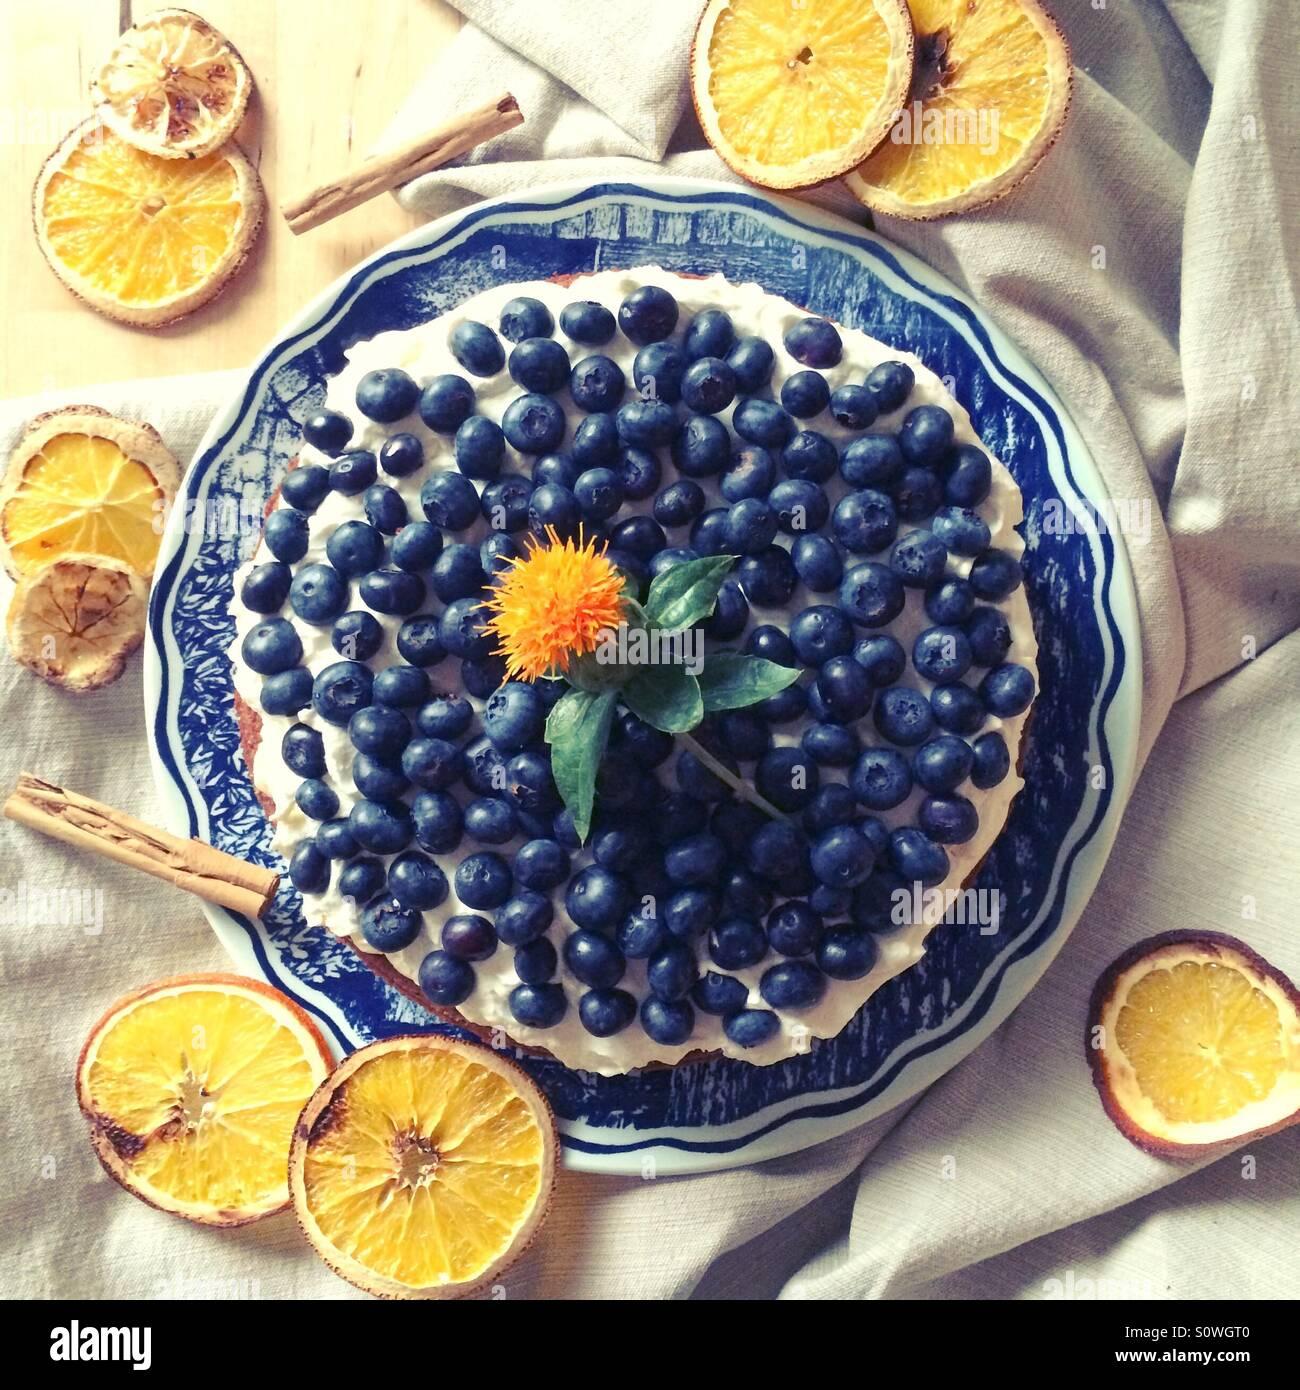 Gâteau aux carottes avec fromage mascarpone et les bleuets. Photo Stock